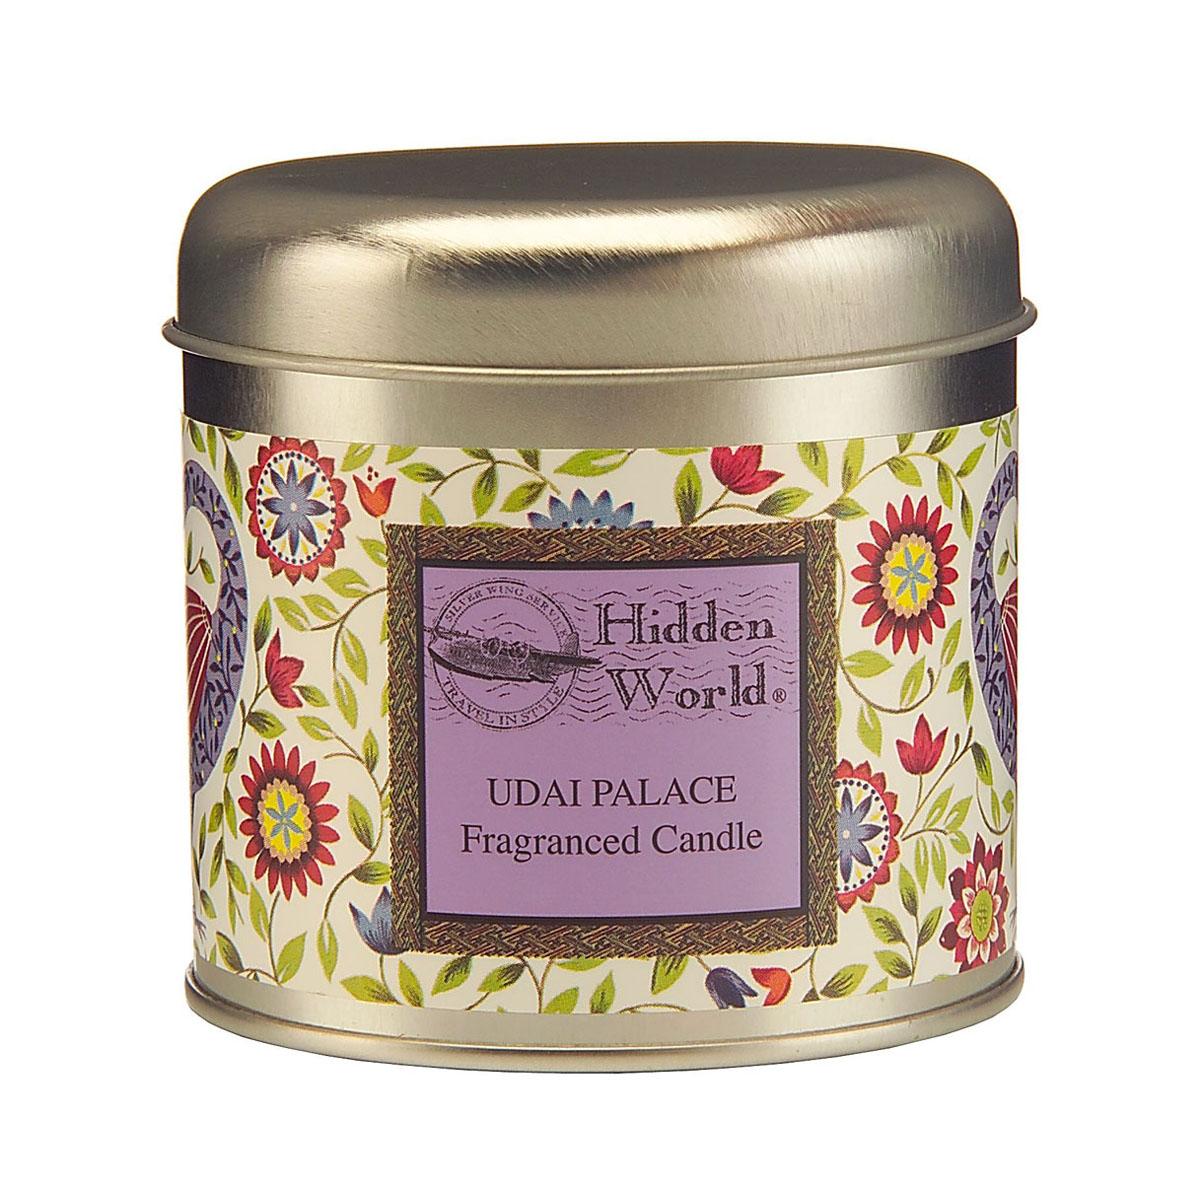 Wax Lyrical Дворец махараджи ароматическая свеча в алюминии, 35 часовHW0101Расслабляющий аромат лаванды с прохладными верхними нотами бергамота и эвкалипта